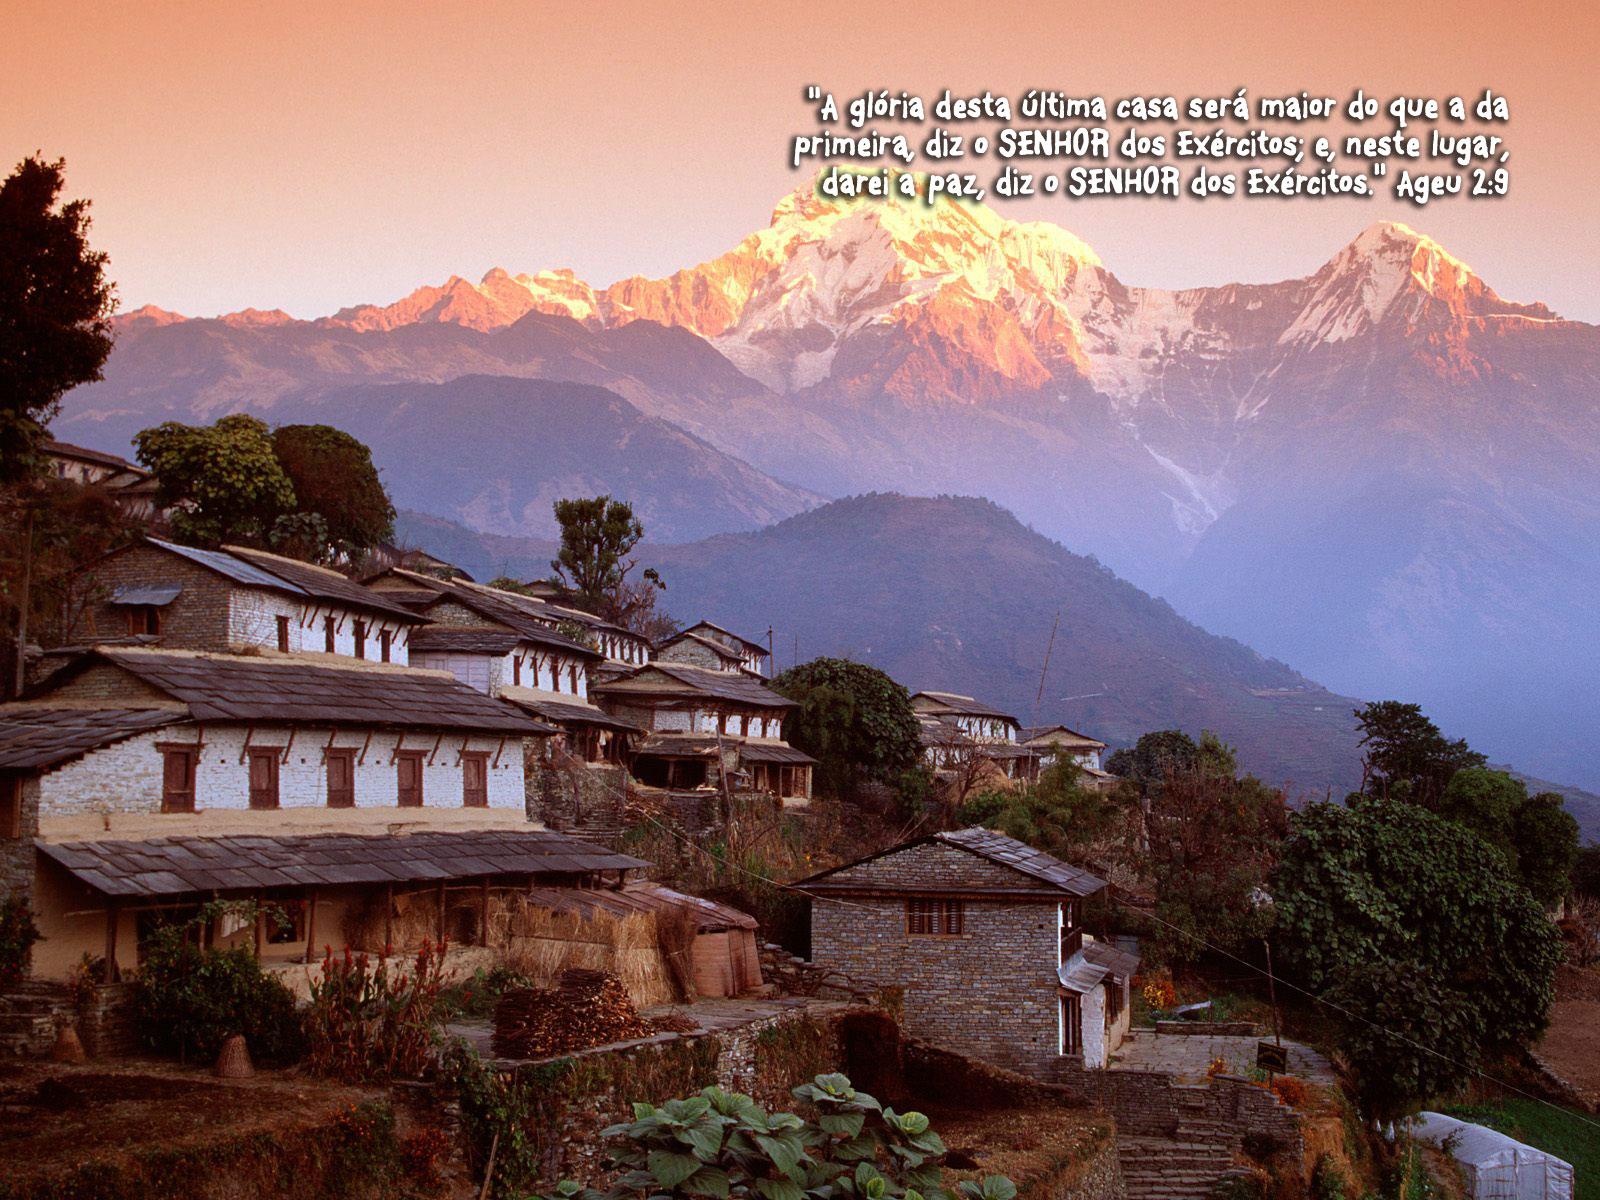 http://devocionaldiario.com.br/imagens/ghandrung_village.jpg